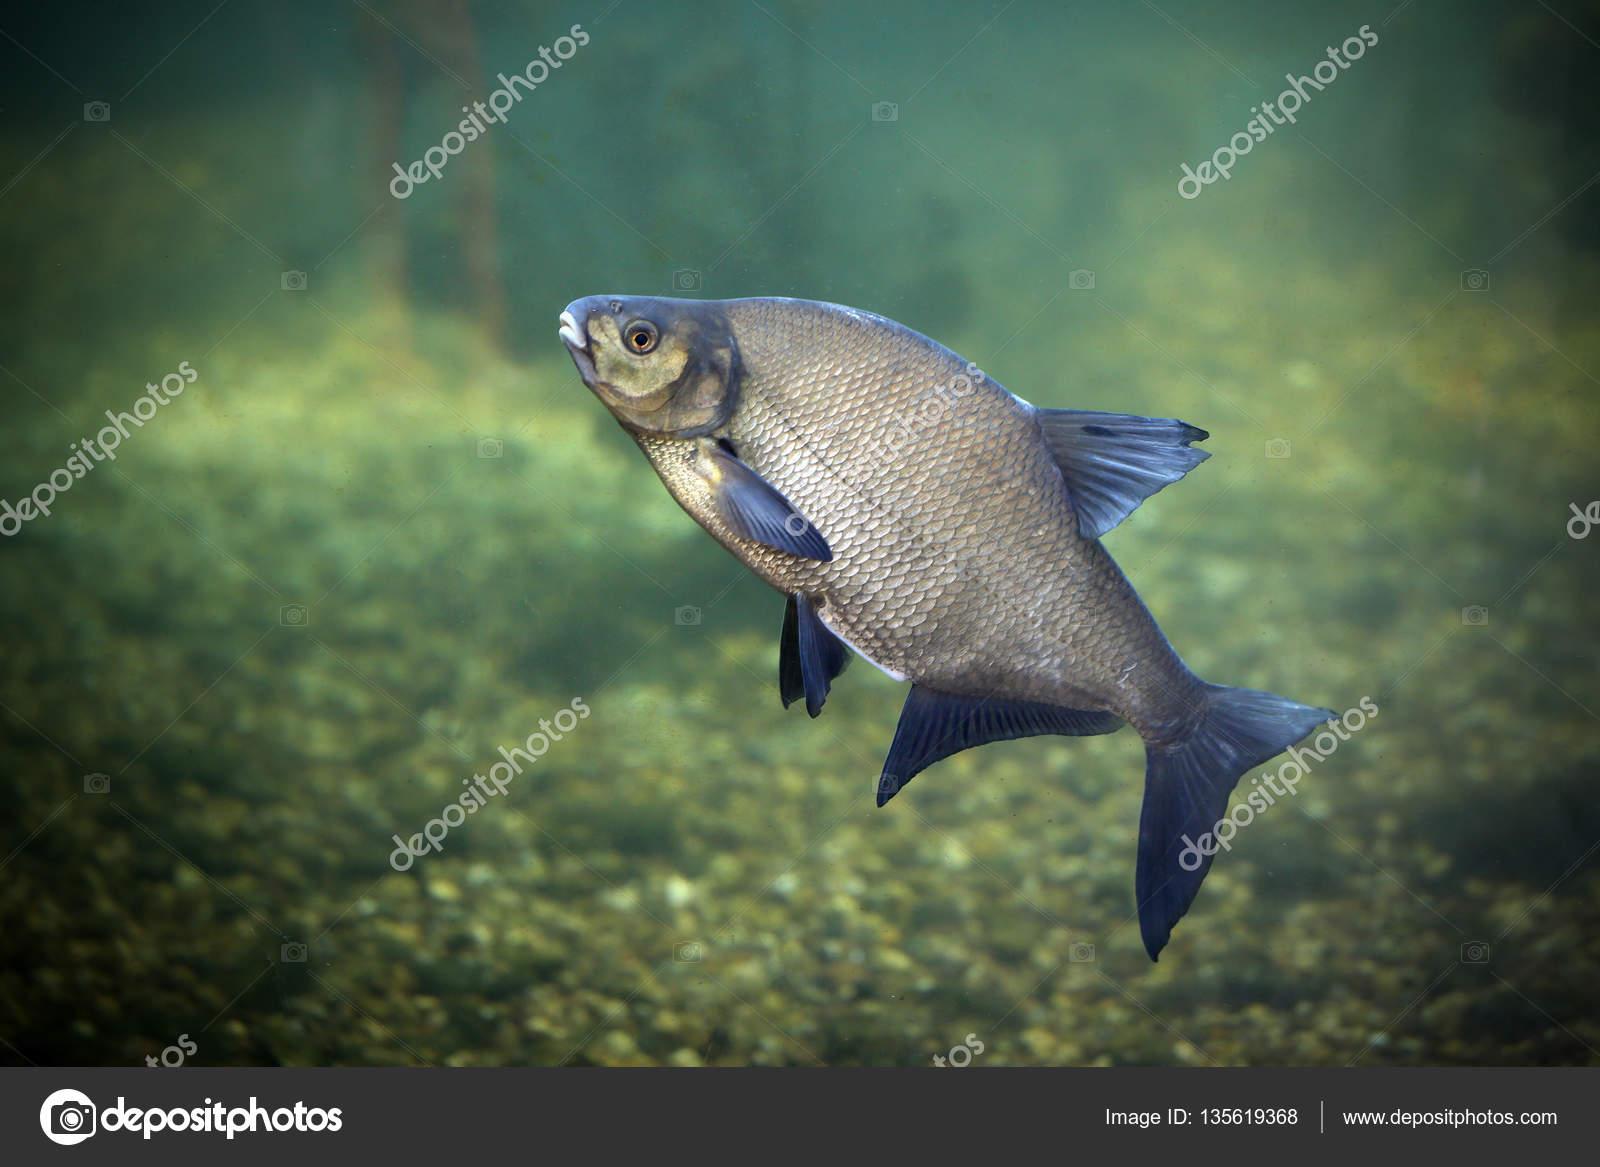 Orata un pesce d 39 acqua dolce foto stock for Pesce pulitore acqua dolce